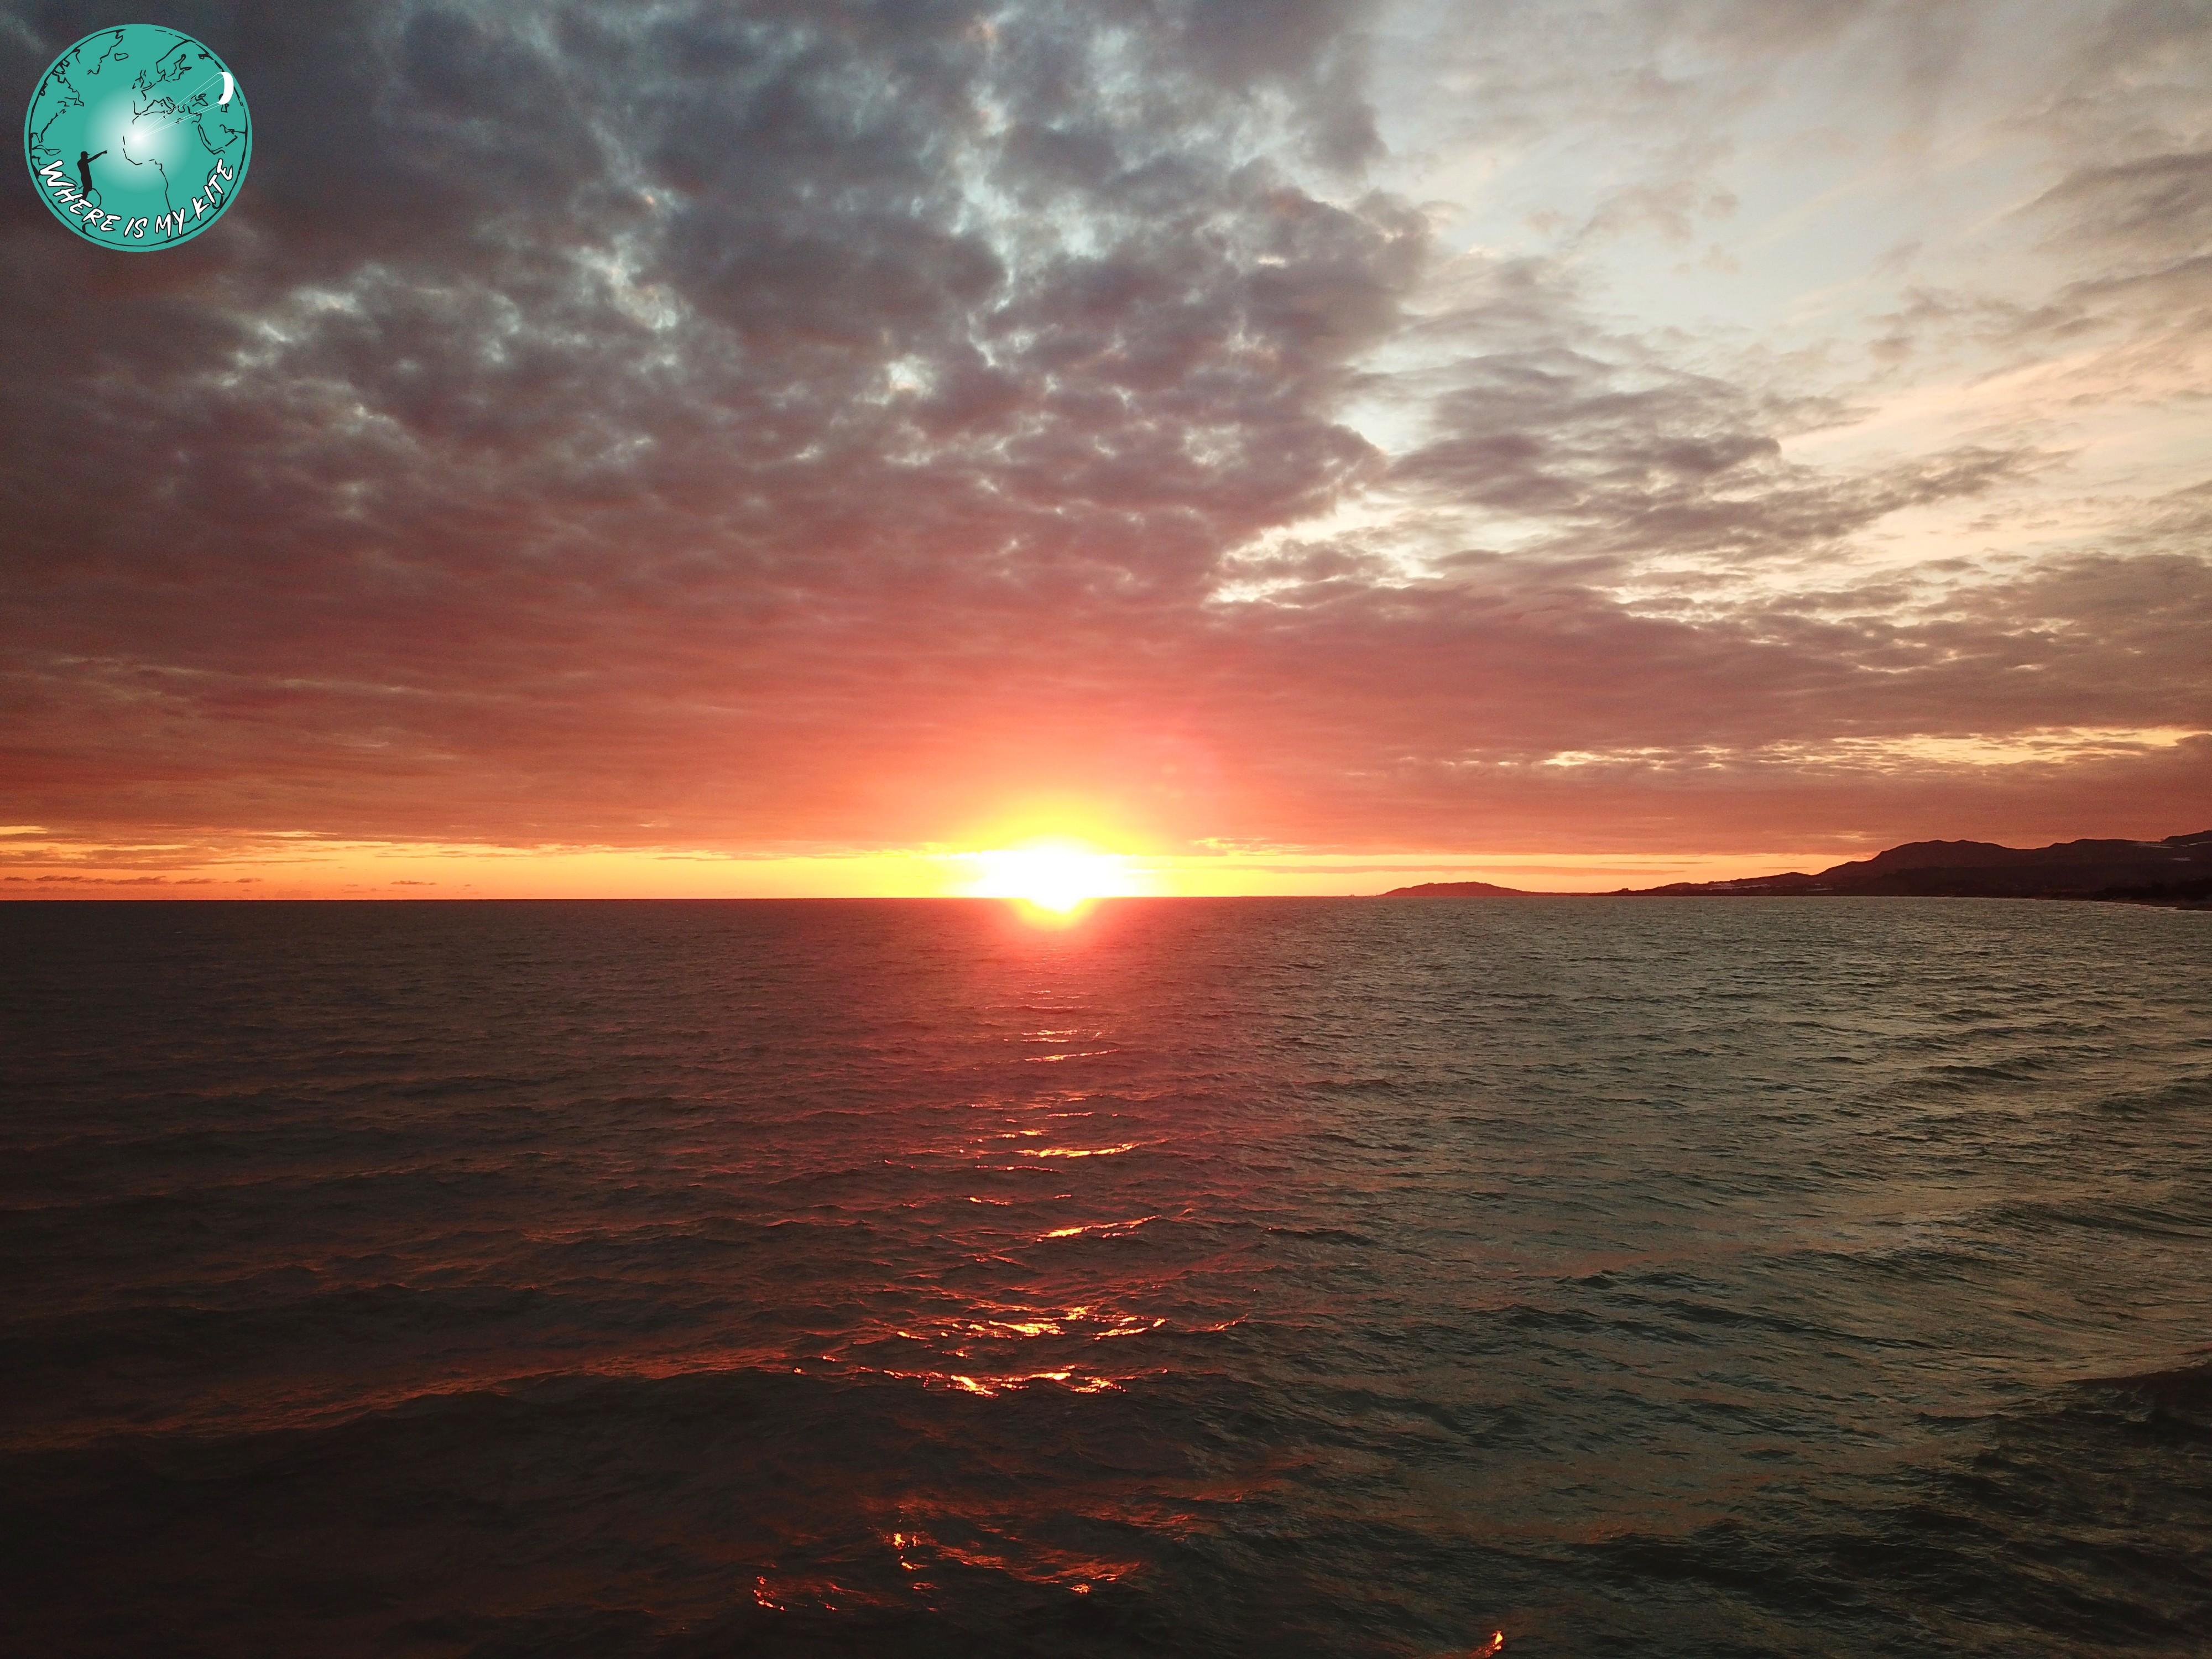 Sunset sur le magnifique spot de Manfria en Sicile